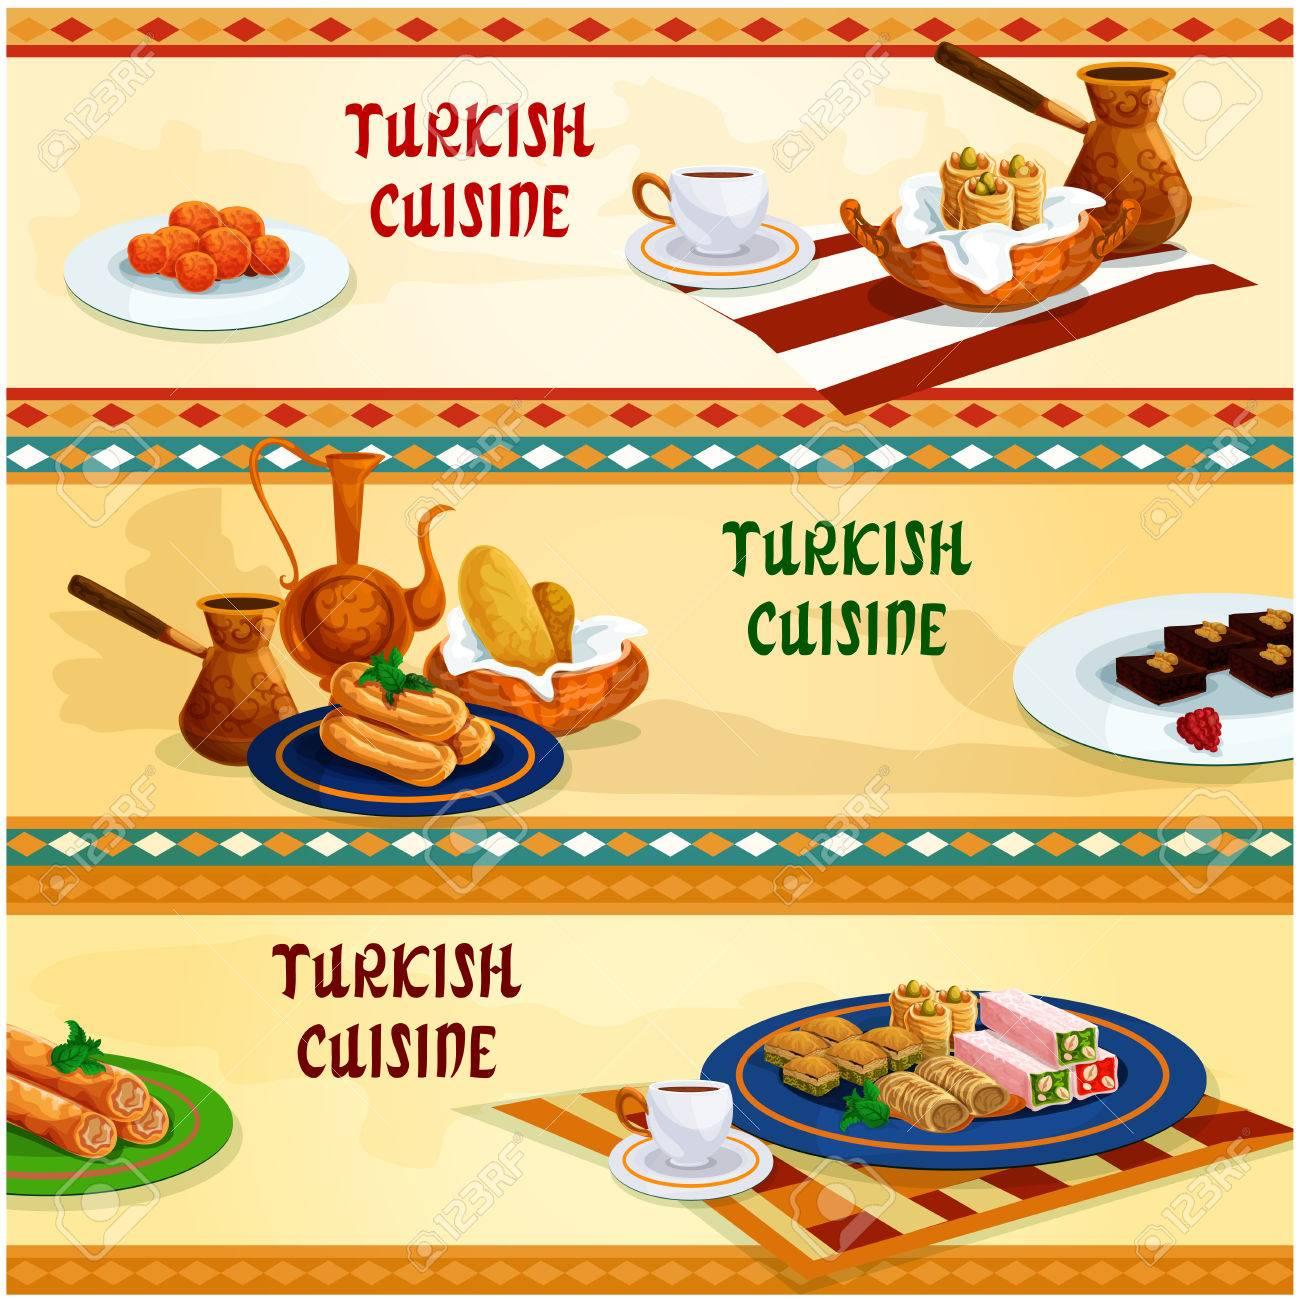 Turkische Kuche Geback Und Sussigkeiten Mit Kaffee Banner Set Nuss